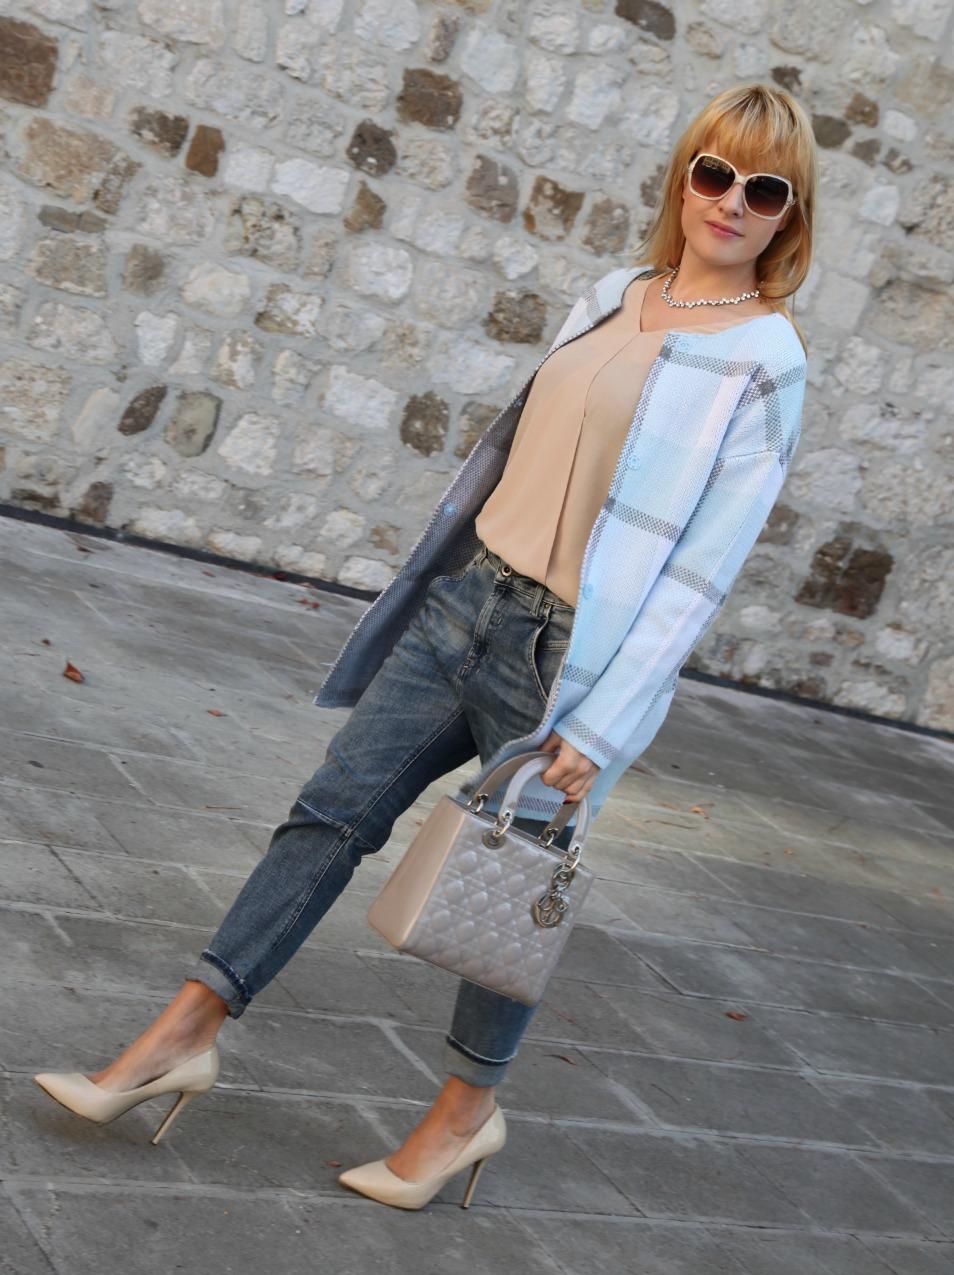 Felicità, orizzonti ed un cappotto nel colore del cielo , alessia milanese, thechilicool, fashion blog, fashion blogger , lady dior bag